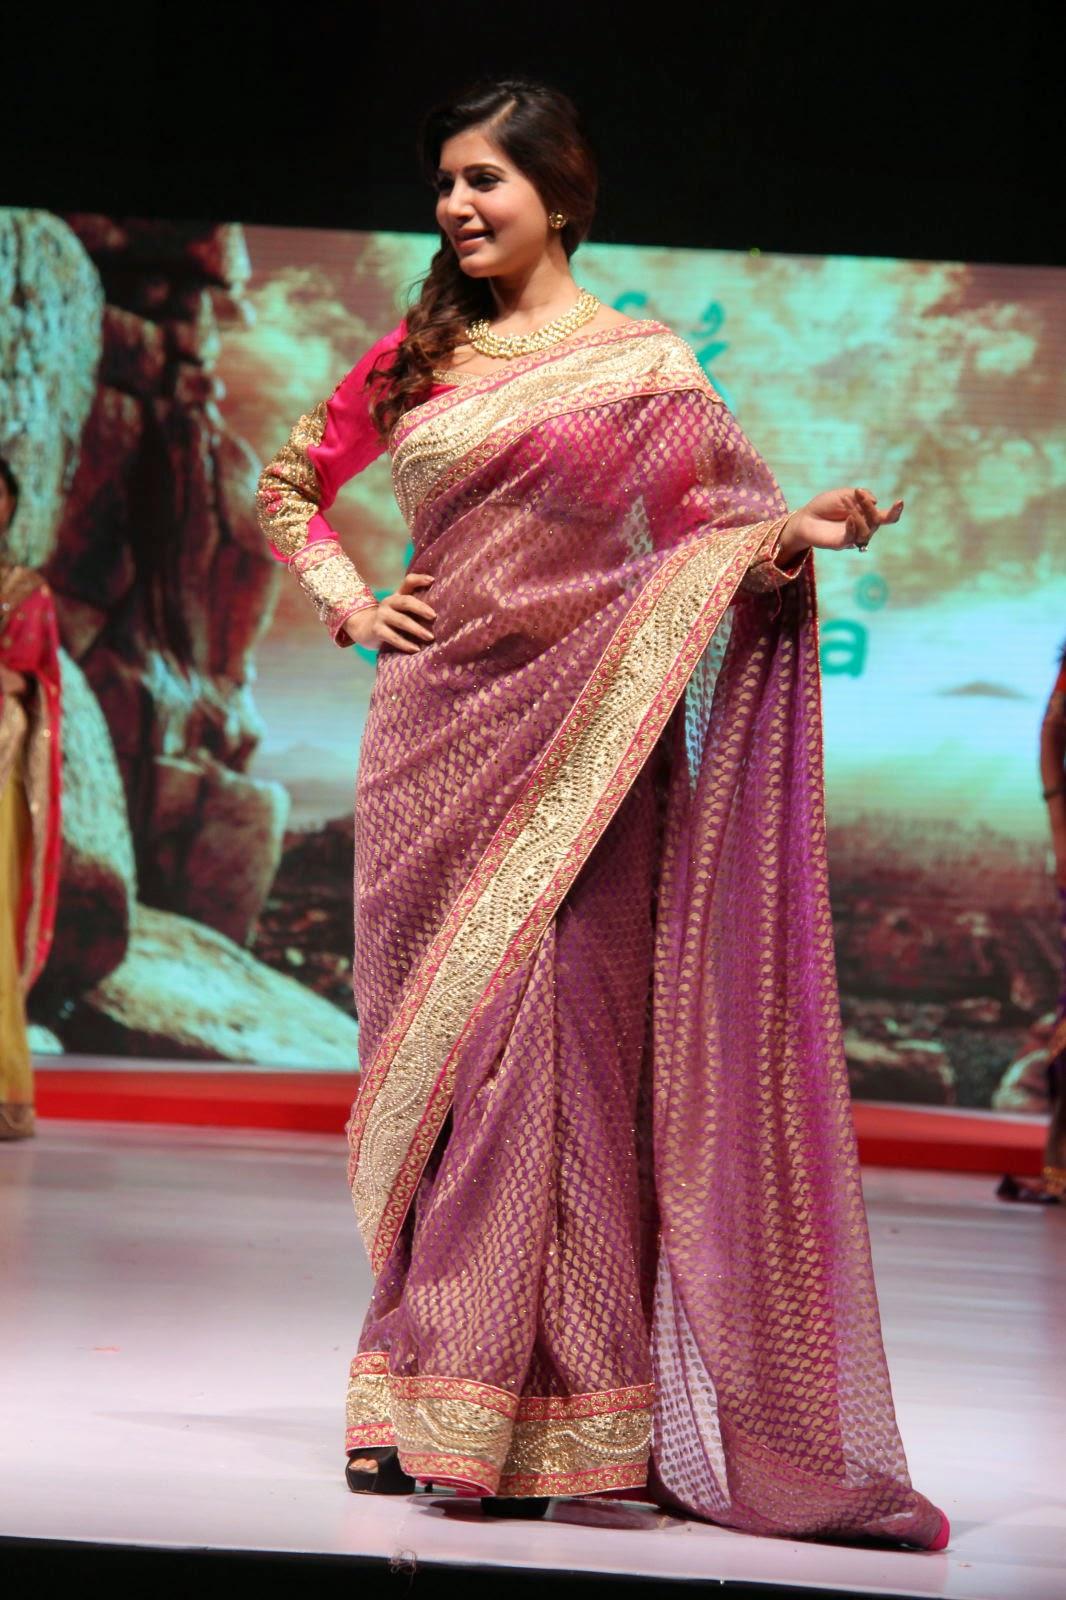 Samantha gorgeous photos in saree-HQ-Photo-18